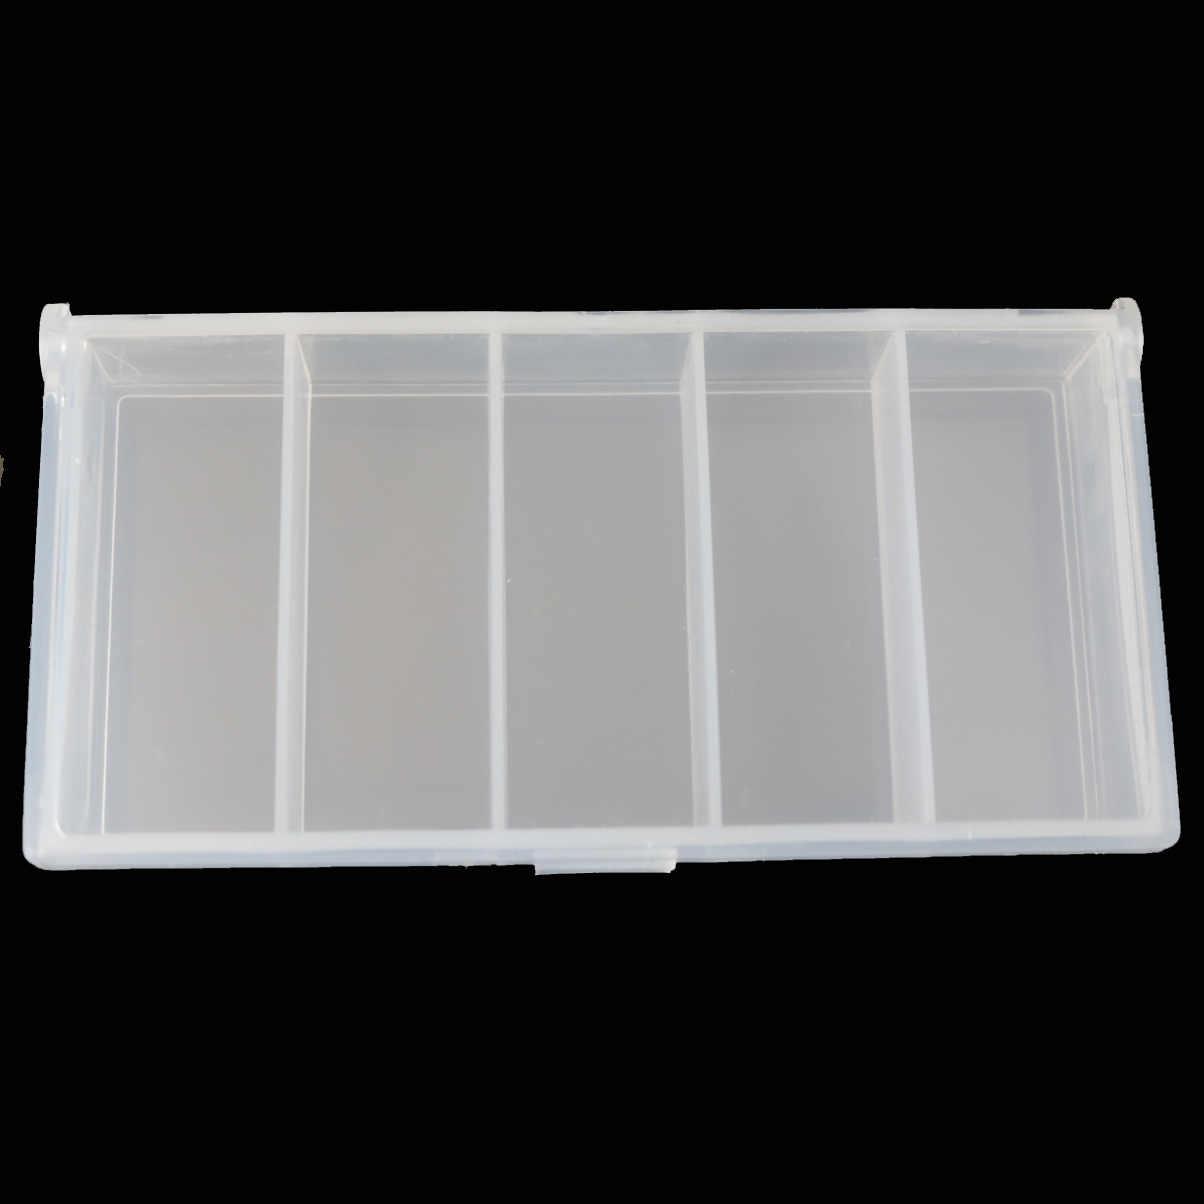 LUSHAZER 5 Ngăn Câu Hộp Nhựa Chống Thấm Nước thiết bị Dụ Cá hộp câu cá Mồi Câu cá Giả Thìa Móc